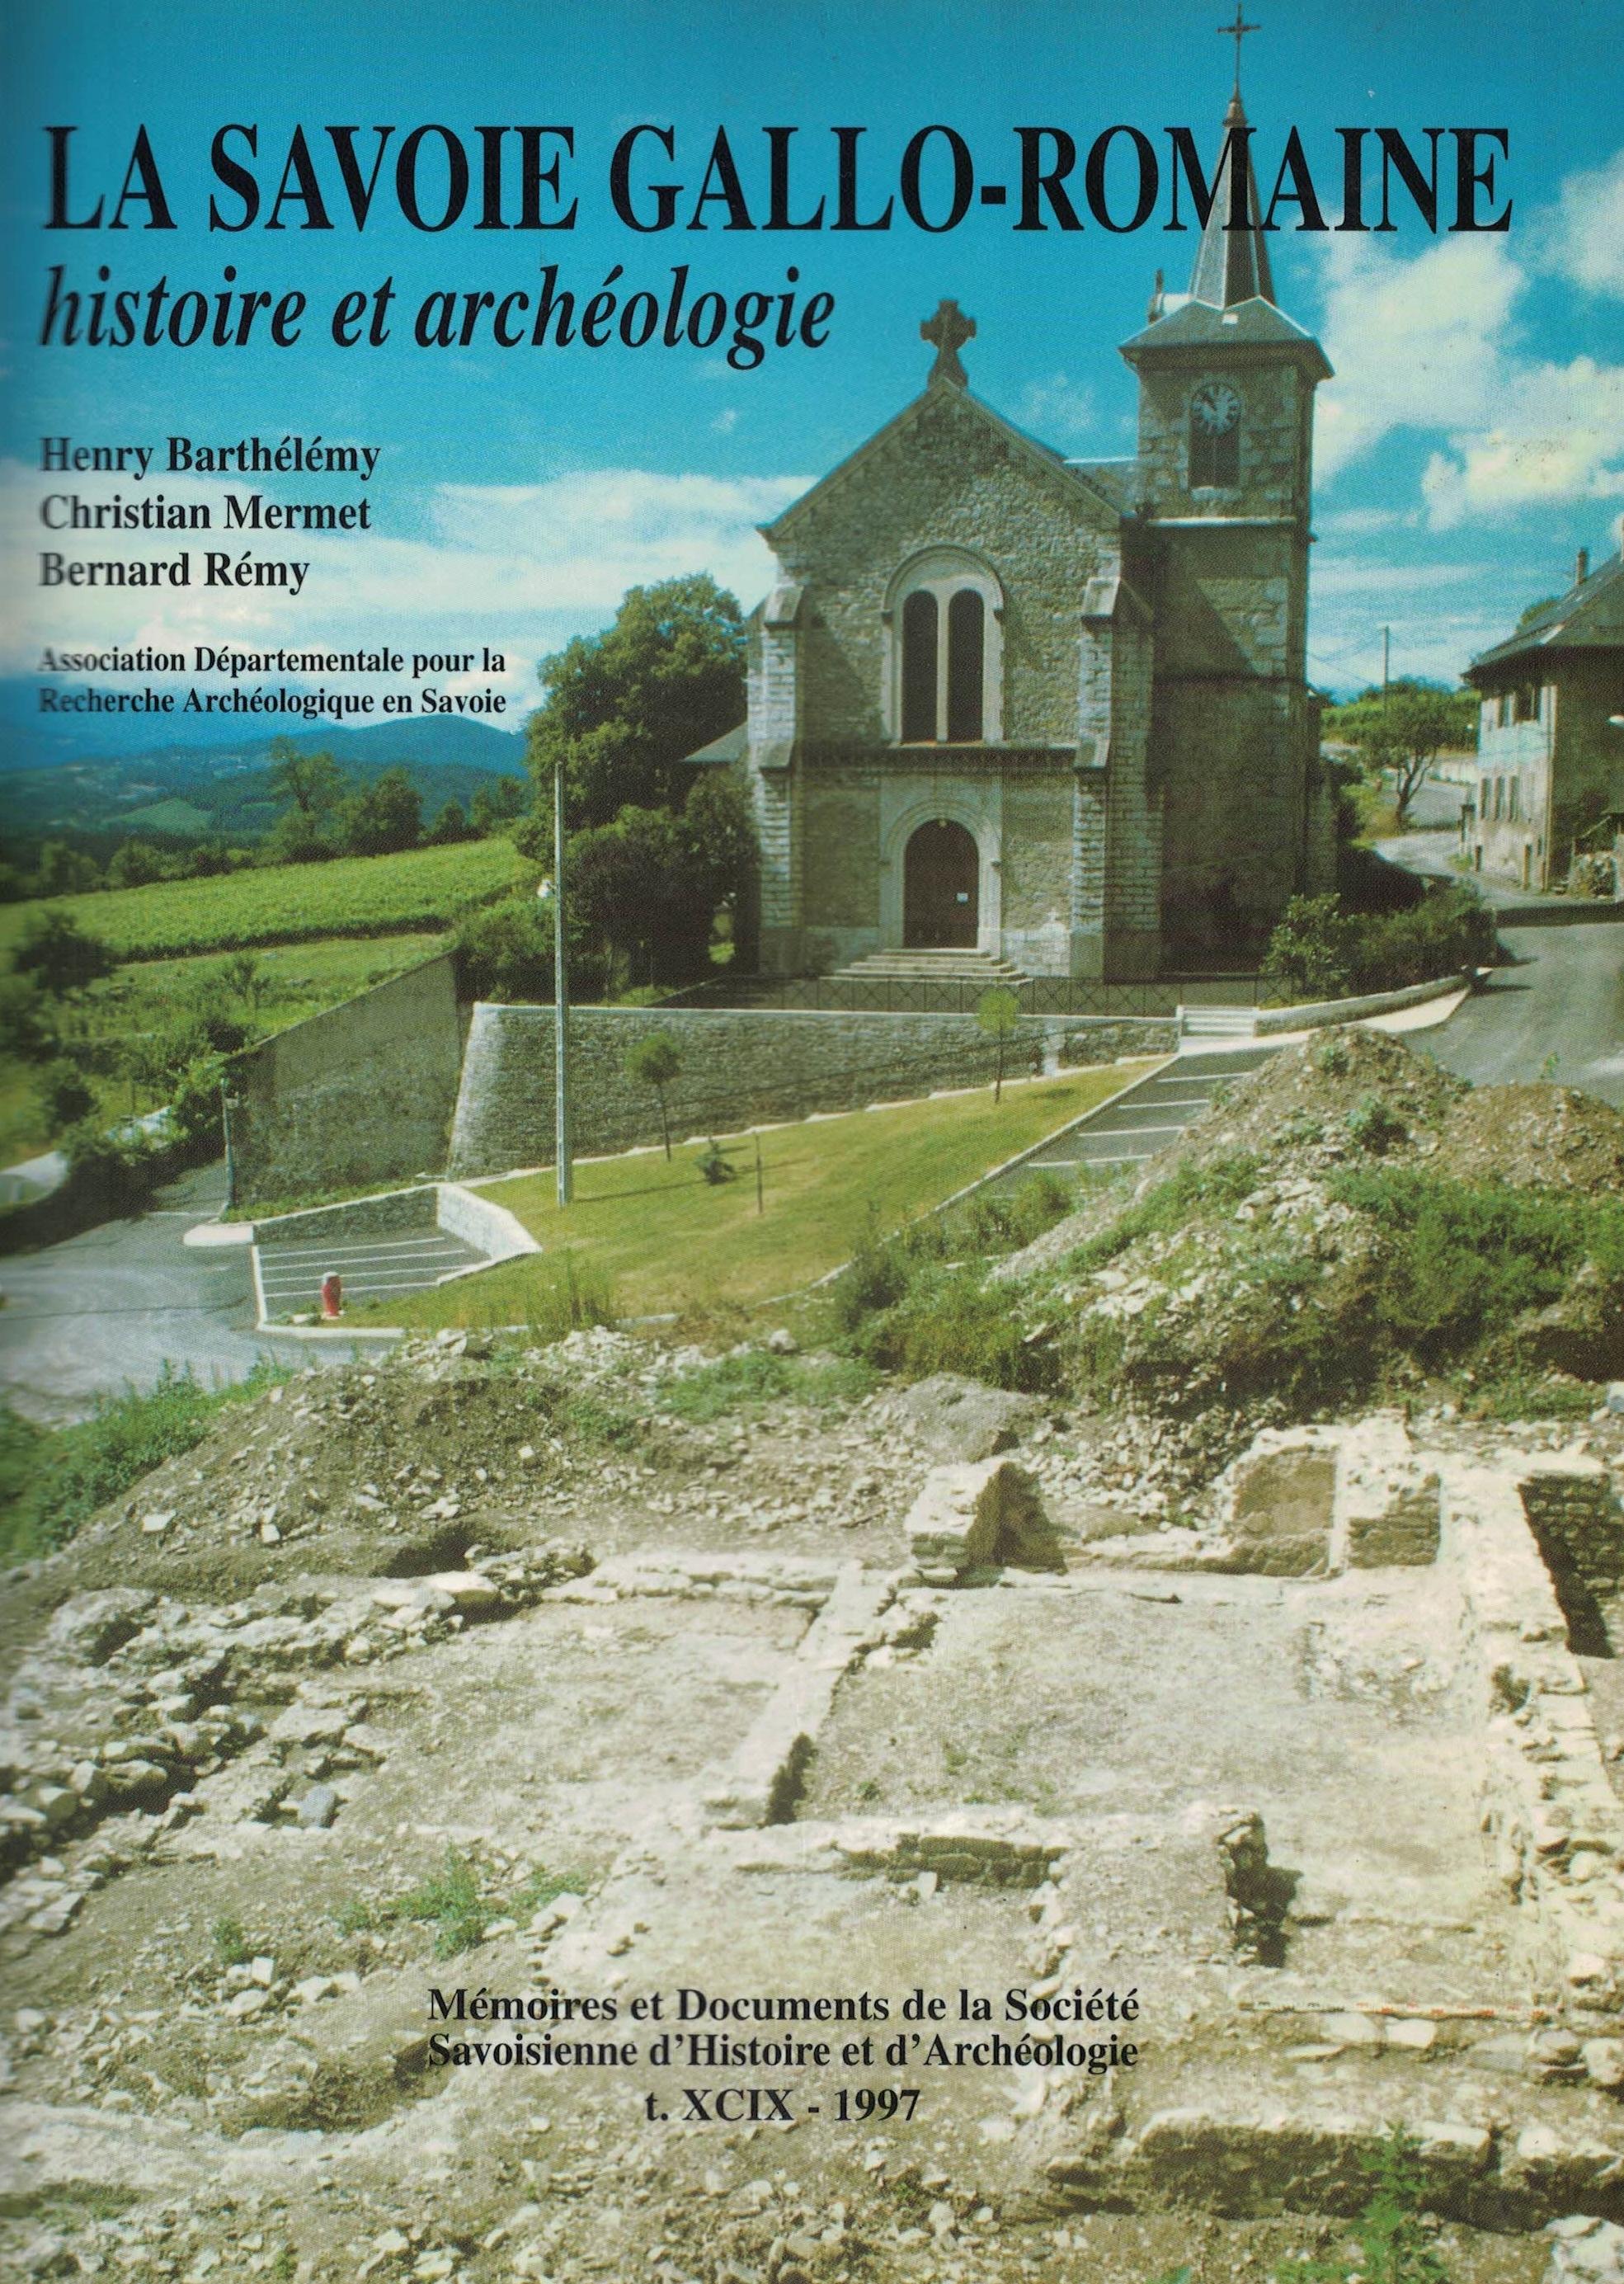 La Savoie gallo-romaine, histoire et archéologie